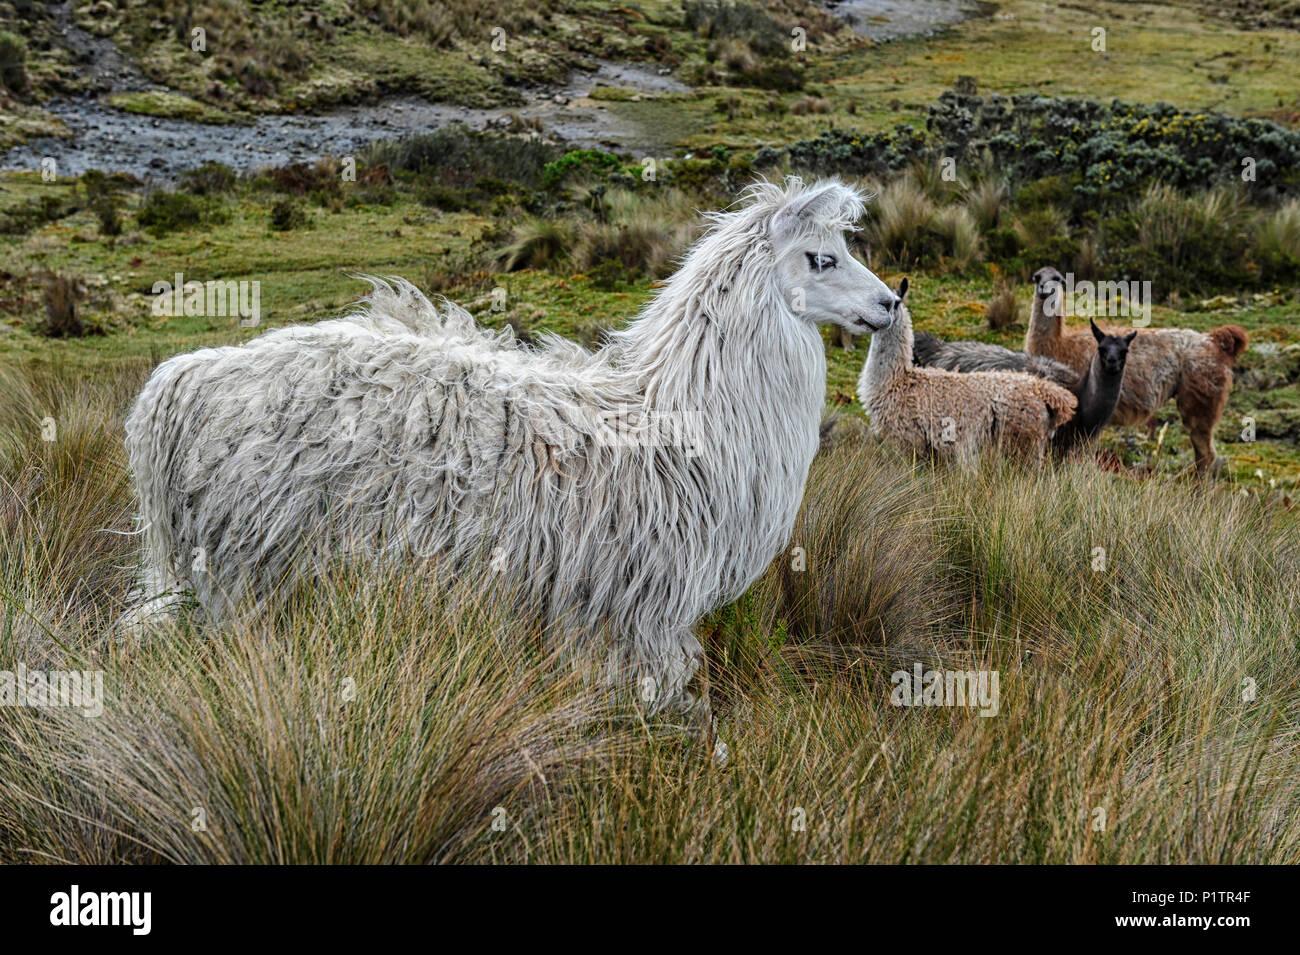 Les lamas et alpagas à theEl Cajas Parc National ou Cajas National Park est un parc national dans les hautes terres de l'Équateur. Photo Stock